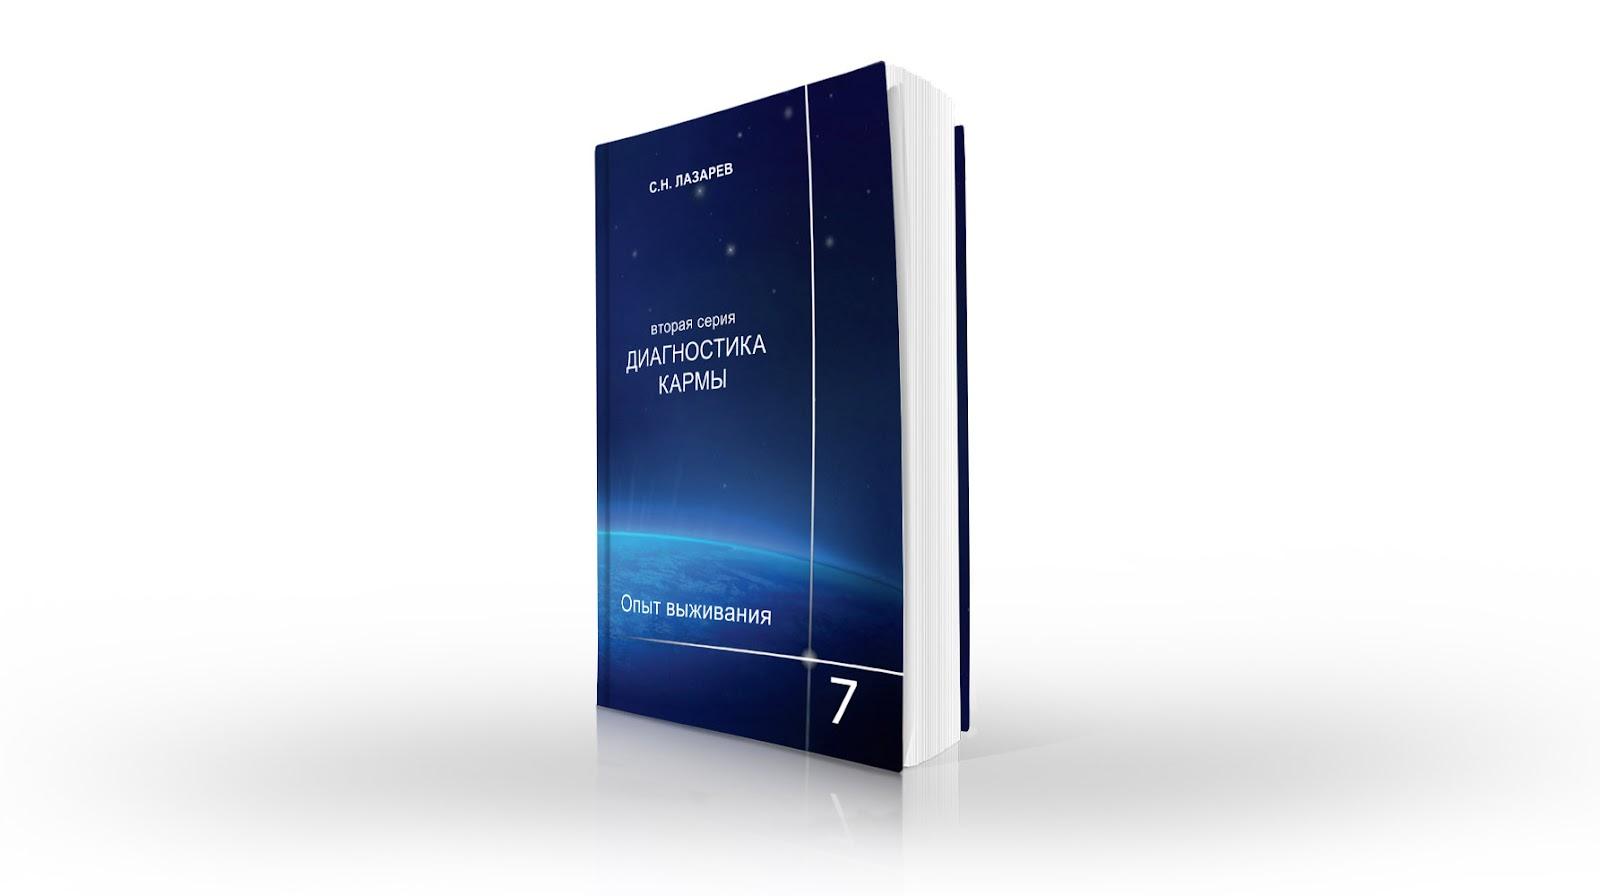 book_template1-2.jpg